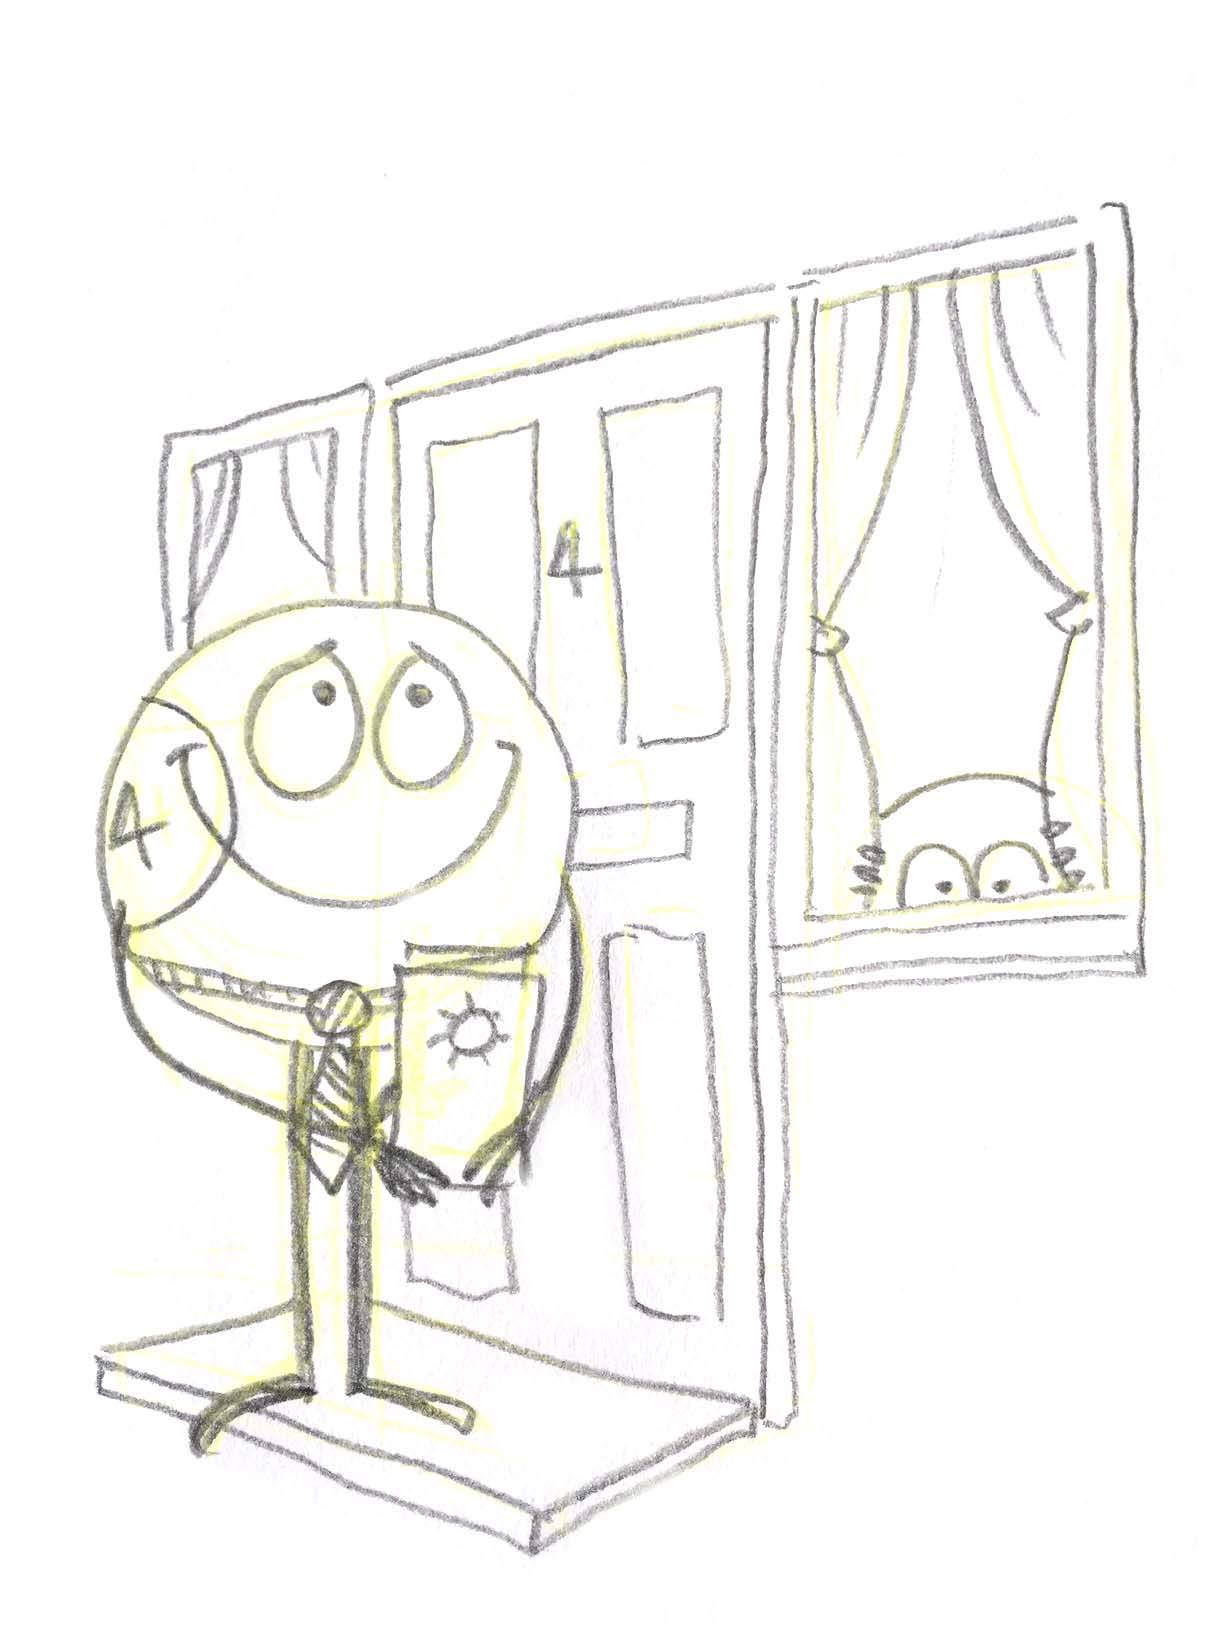 Bingo_Sketch_KnockDoor4.jpg